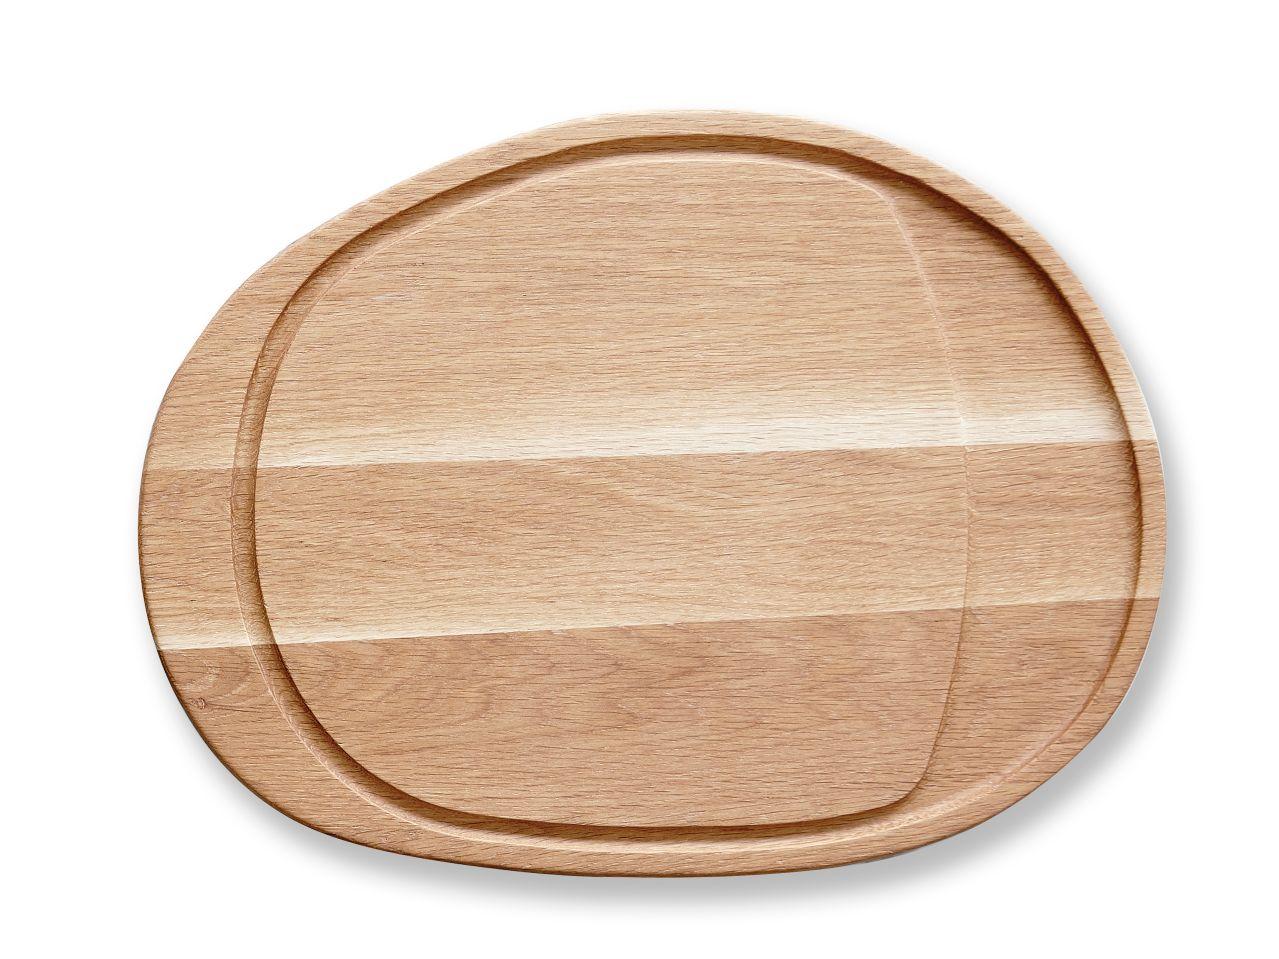 Bitz skærebræt, 26x35,5 cm, egetræ